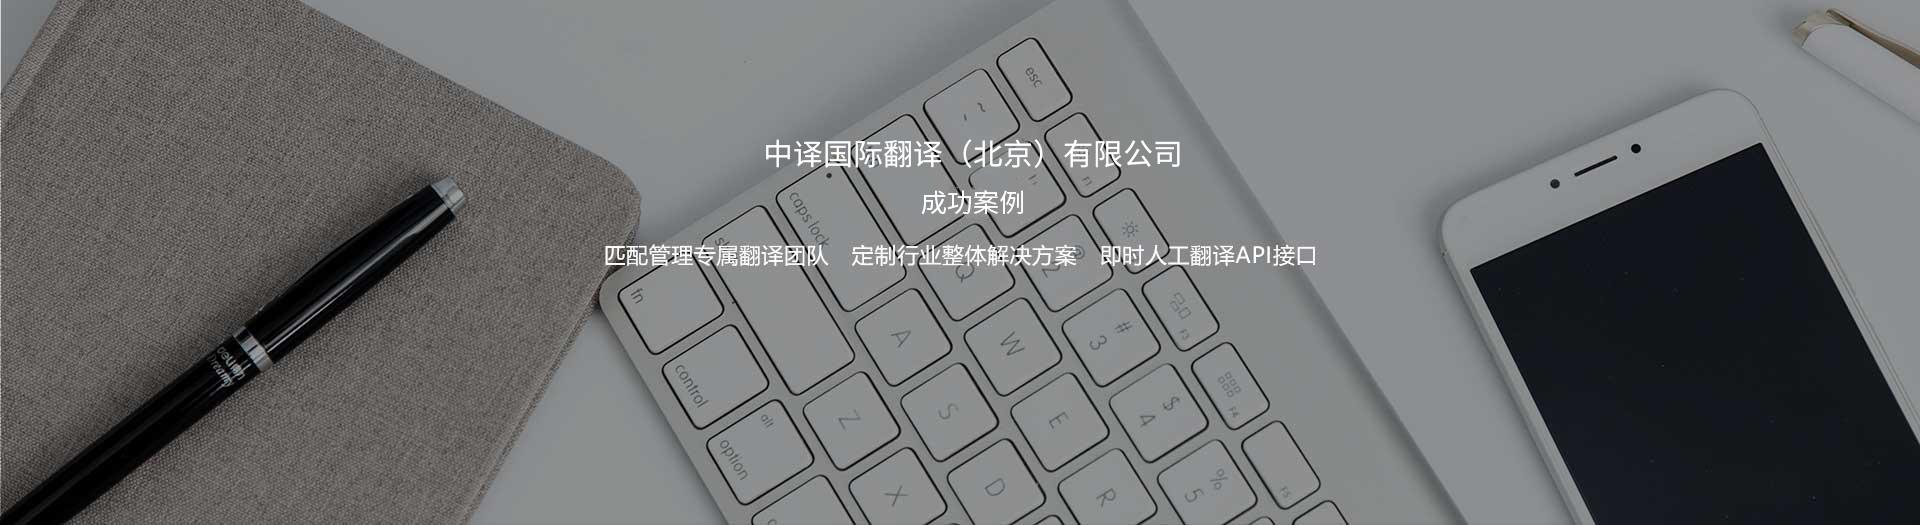 北京qy288.vip千亿国际公司案例